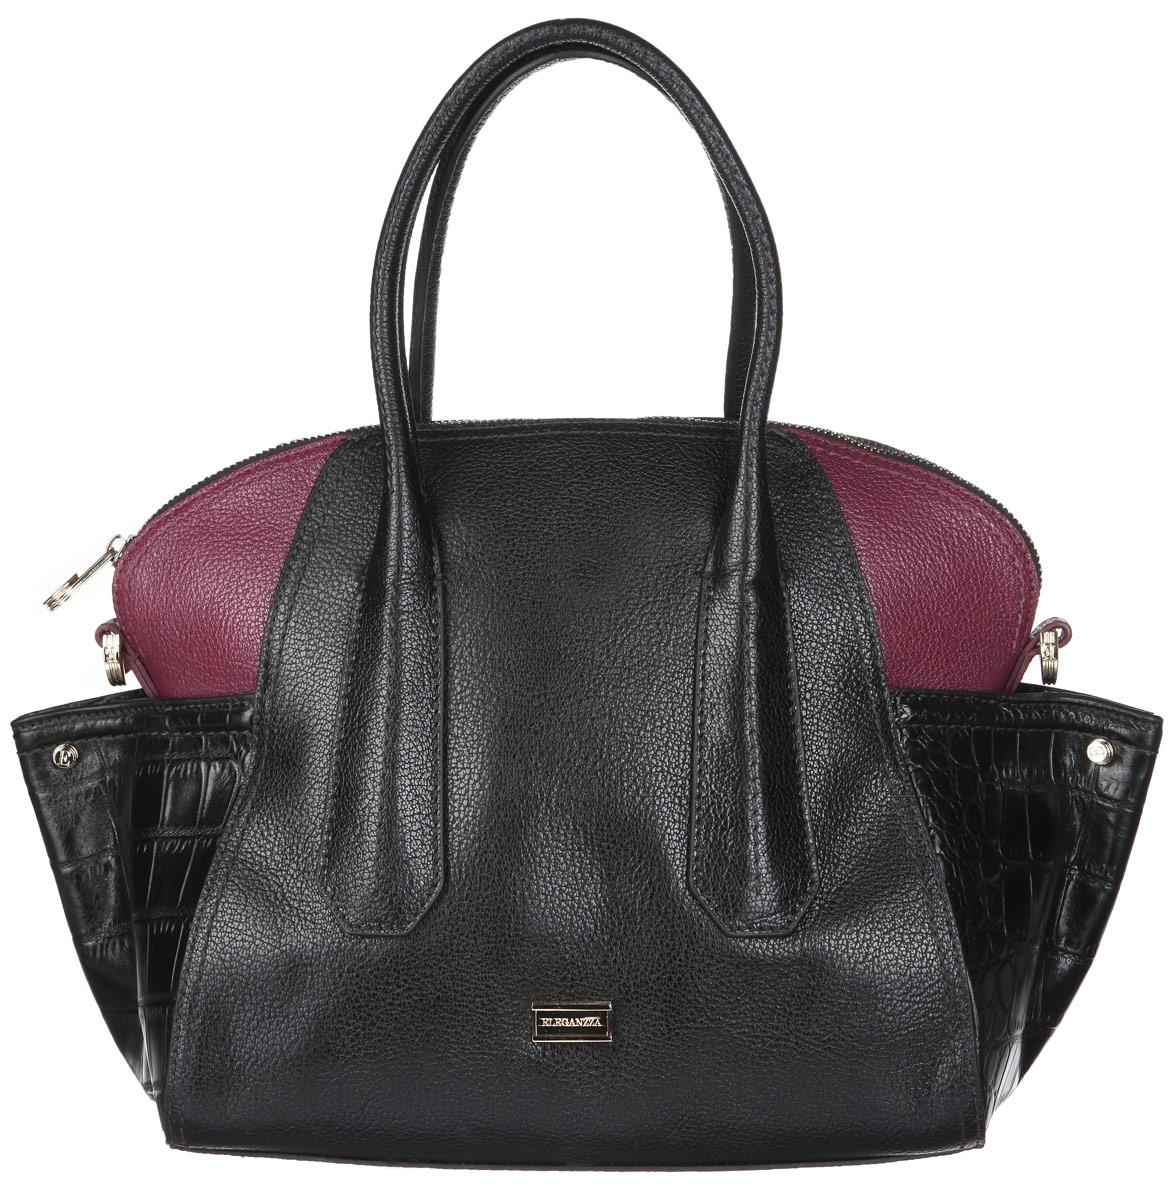 Сумка женская Eleganzza, цвет: черный, бордовый. Z-14243-173298с-1Стильная женская сумка Eleganzza выполнена из натуральной высококачественной кожи с фактурным тиснением и дополнена вставками из кожи под рептилию. Изделие имеет одно основное отделение, закрывающееся на застежку-молнию. Внутри находятся два открытых накладных кармана и прорезной карман на застежке-молнии. Сумка оснащена двумя удобными ручками. В комплект входит съемный плечевой ремень, который регулируется по длине, и фирменный чехол. Основание защищено от повреждений металлическими ножками.Сумка Eleganzza - это стильный аксессуар, который подчеркнет вашу изысканность и индивидуальность и сделает ваш образ завершенным.